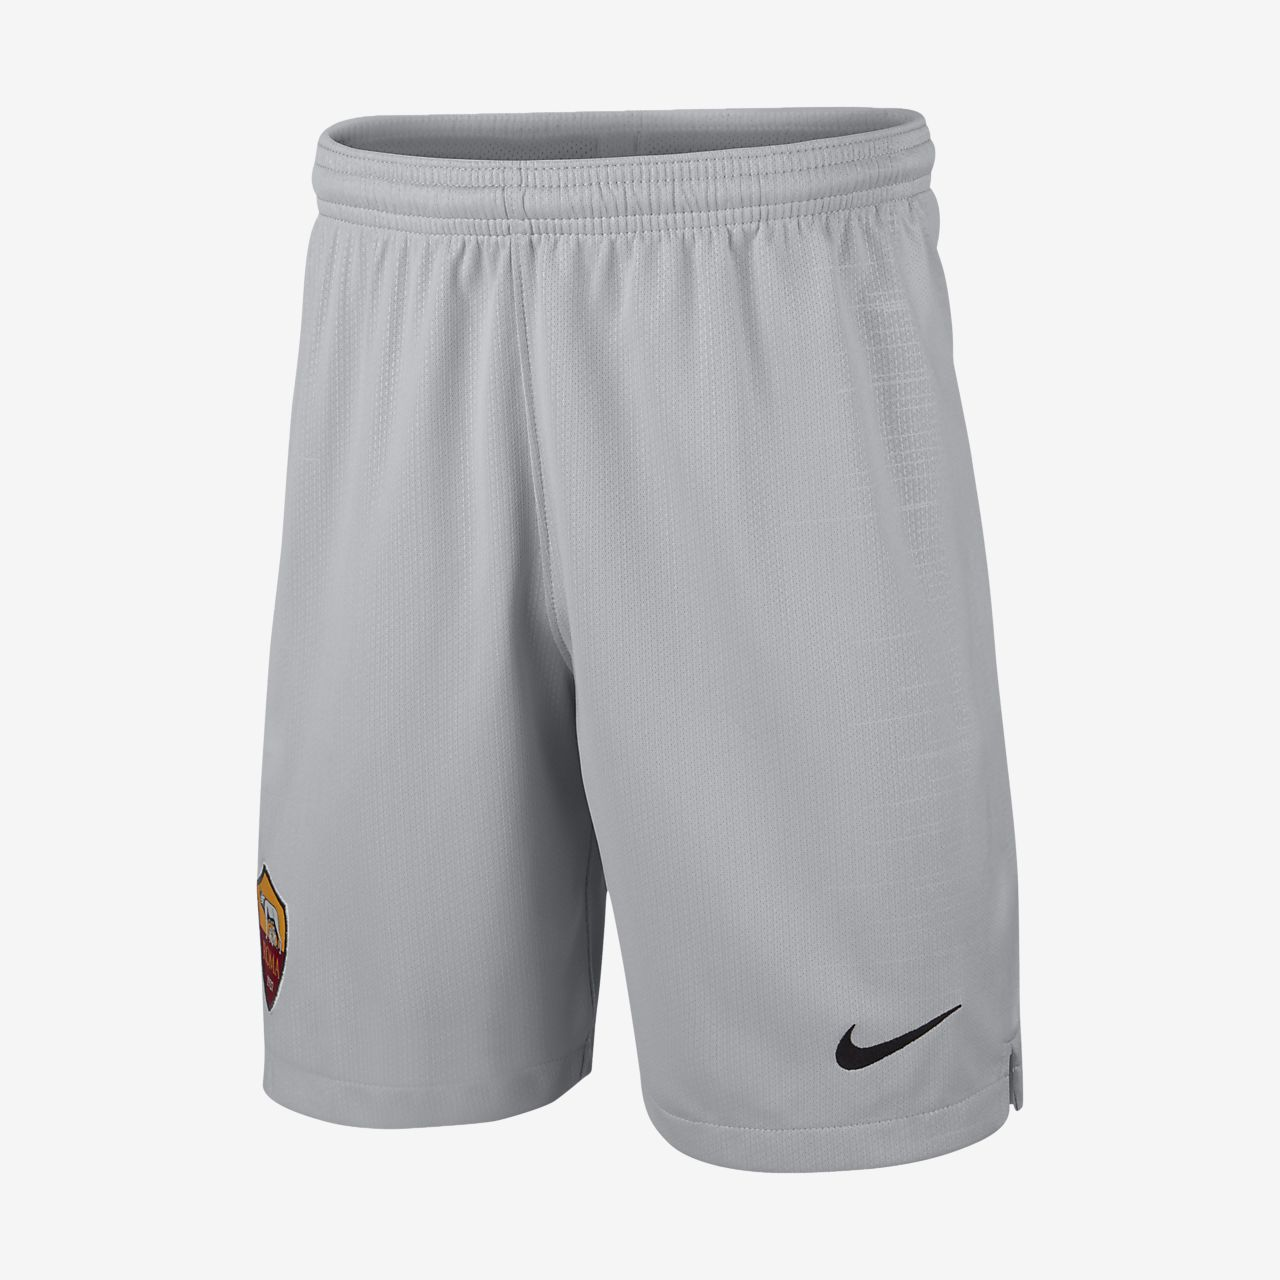 Футбольные шорты для школьников 2018/19 A.S. Roma Stadium Home/Away